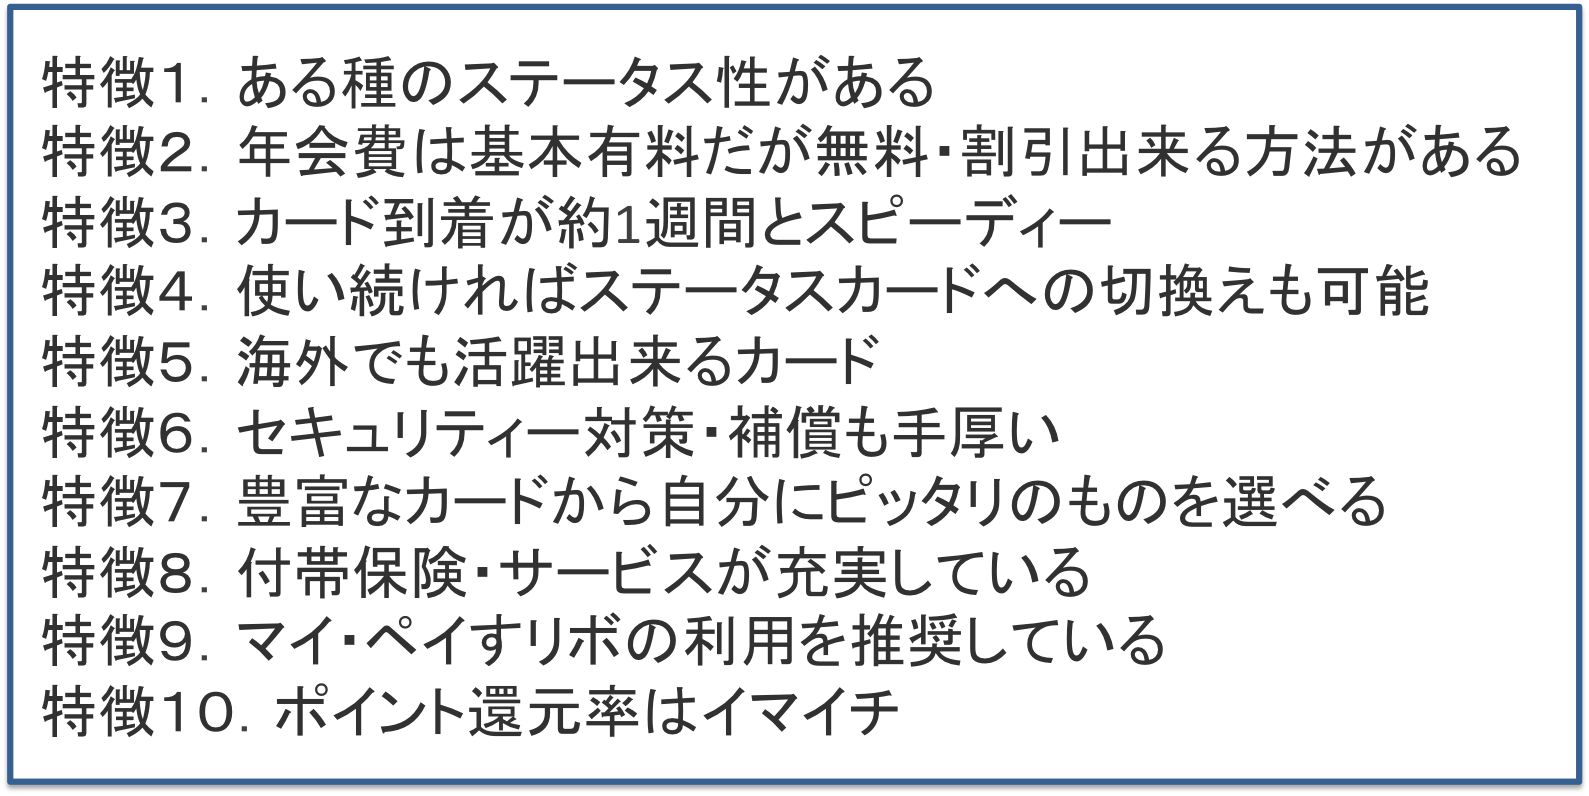 三井住友VISAカードの特徴